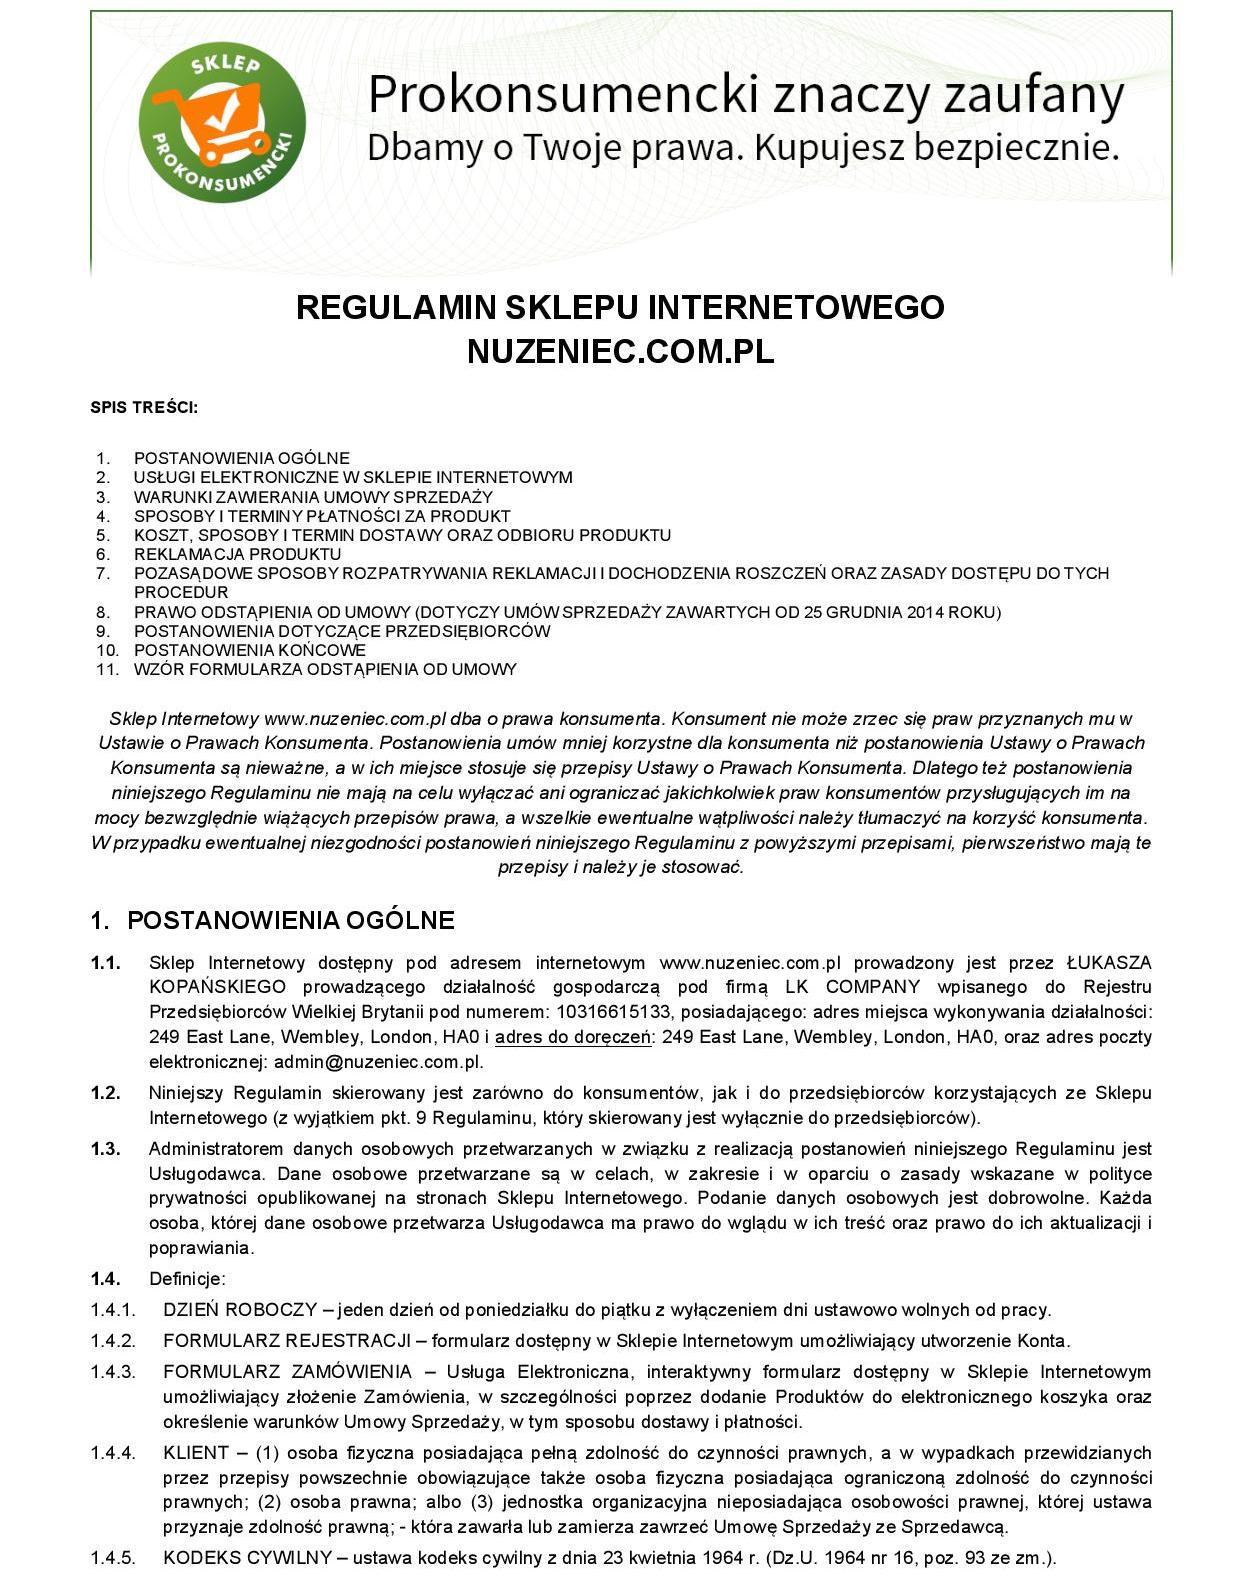 6ceefd8d1d448 Regulamin sklepu - Trądzik różowaty leczenieTrądzik różowaty leczenie